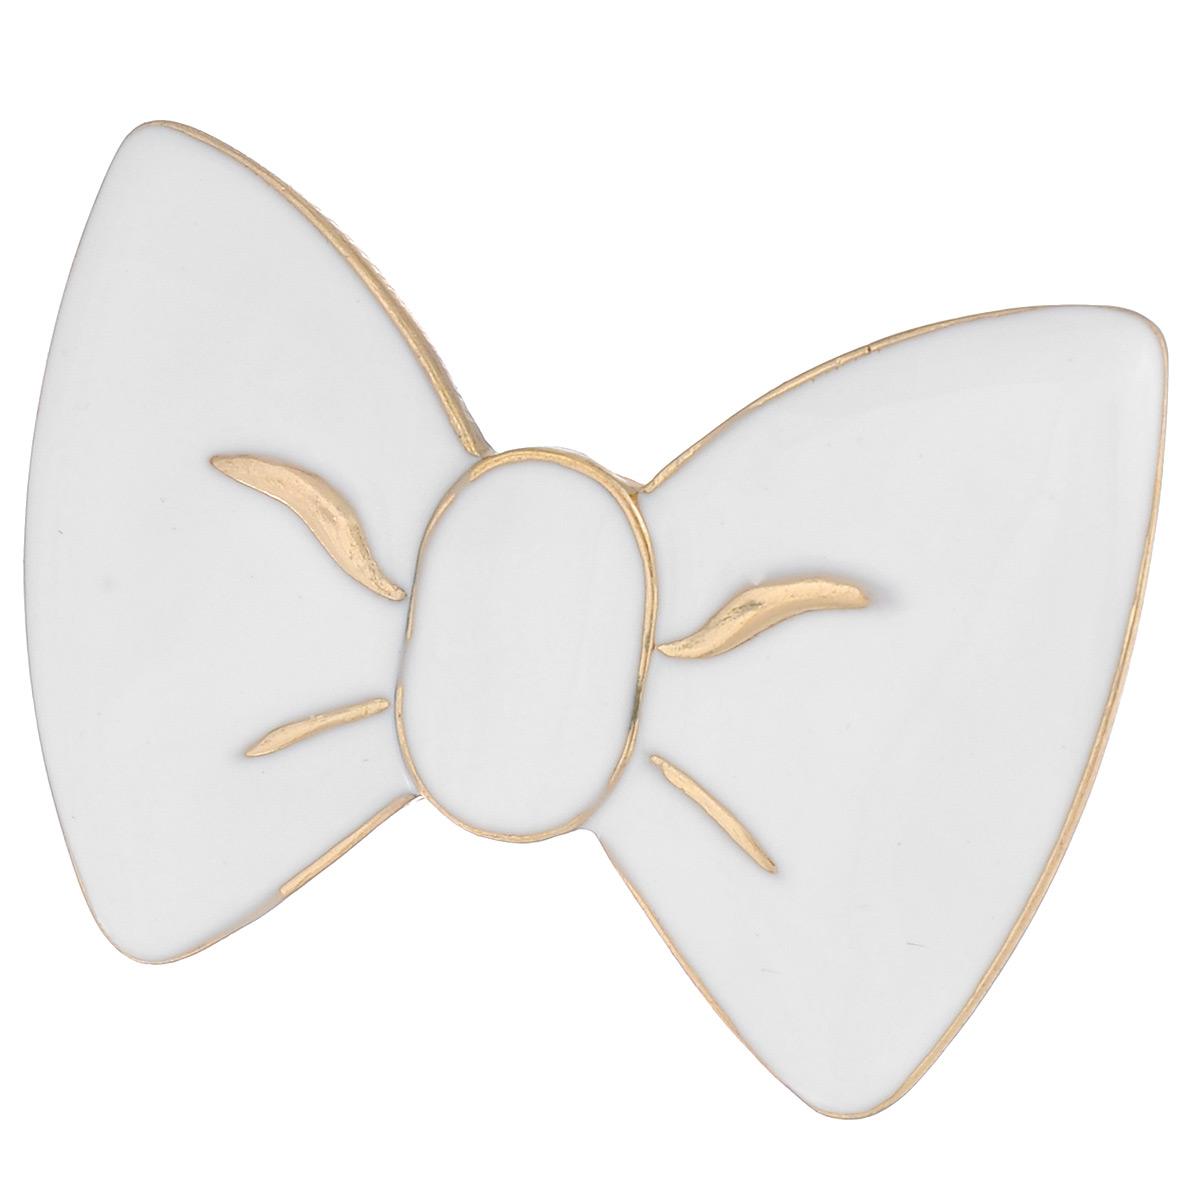 Кольцо Avgad, цвет: золотистый, белый. EA178JW162Коктейльное кольцоОригинальное кольцо Avgad выполненное из ювелирного сплава и эмали в виде бантика. Элементы кольца соединены с помощью тонкой резинки, благодаря этому оно легко одевается и снимается. Размер универсальный.Кольцо позволит вам с легкостью воплотить самую смелую фантазию и создать собственный, неповторимый образ.